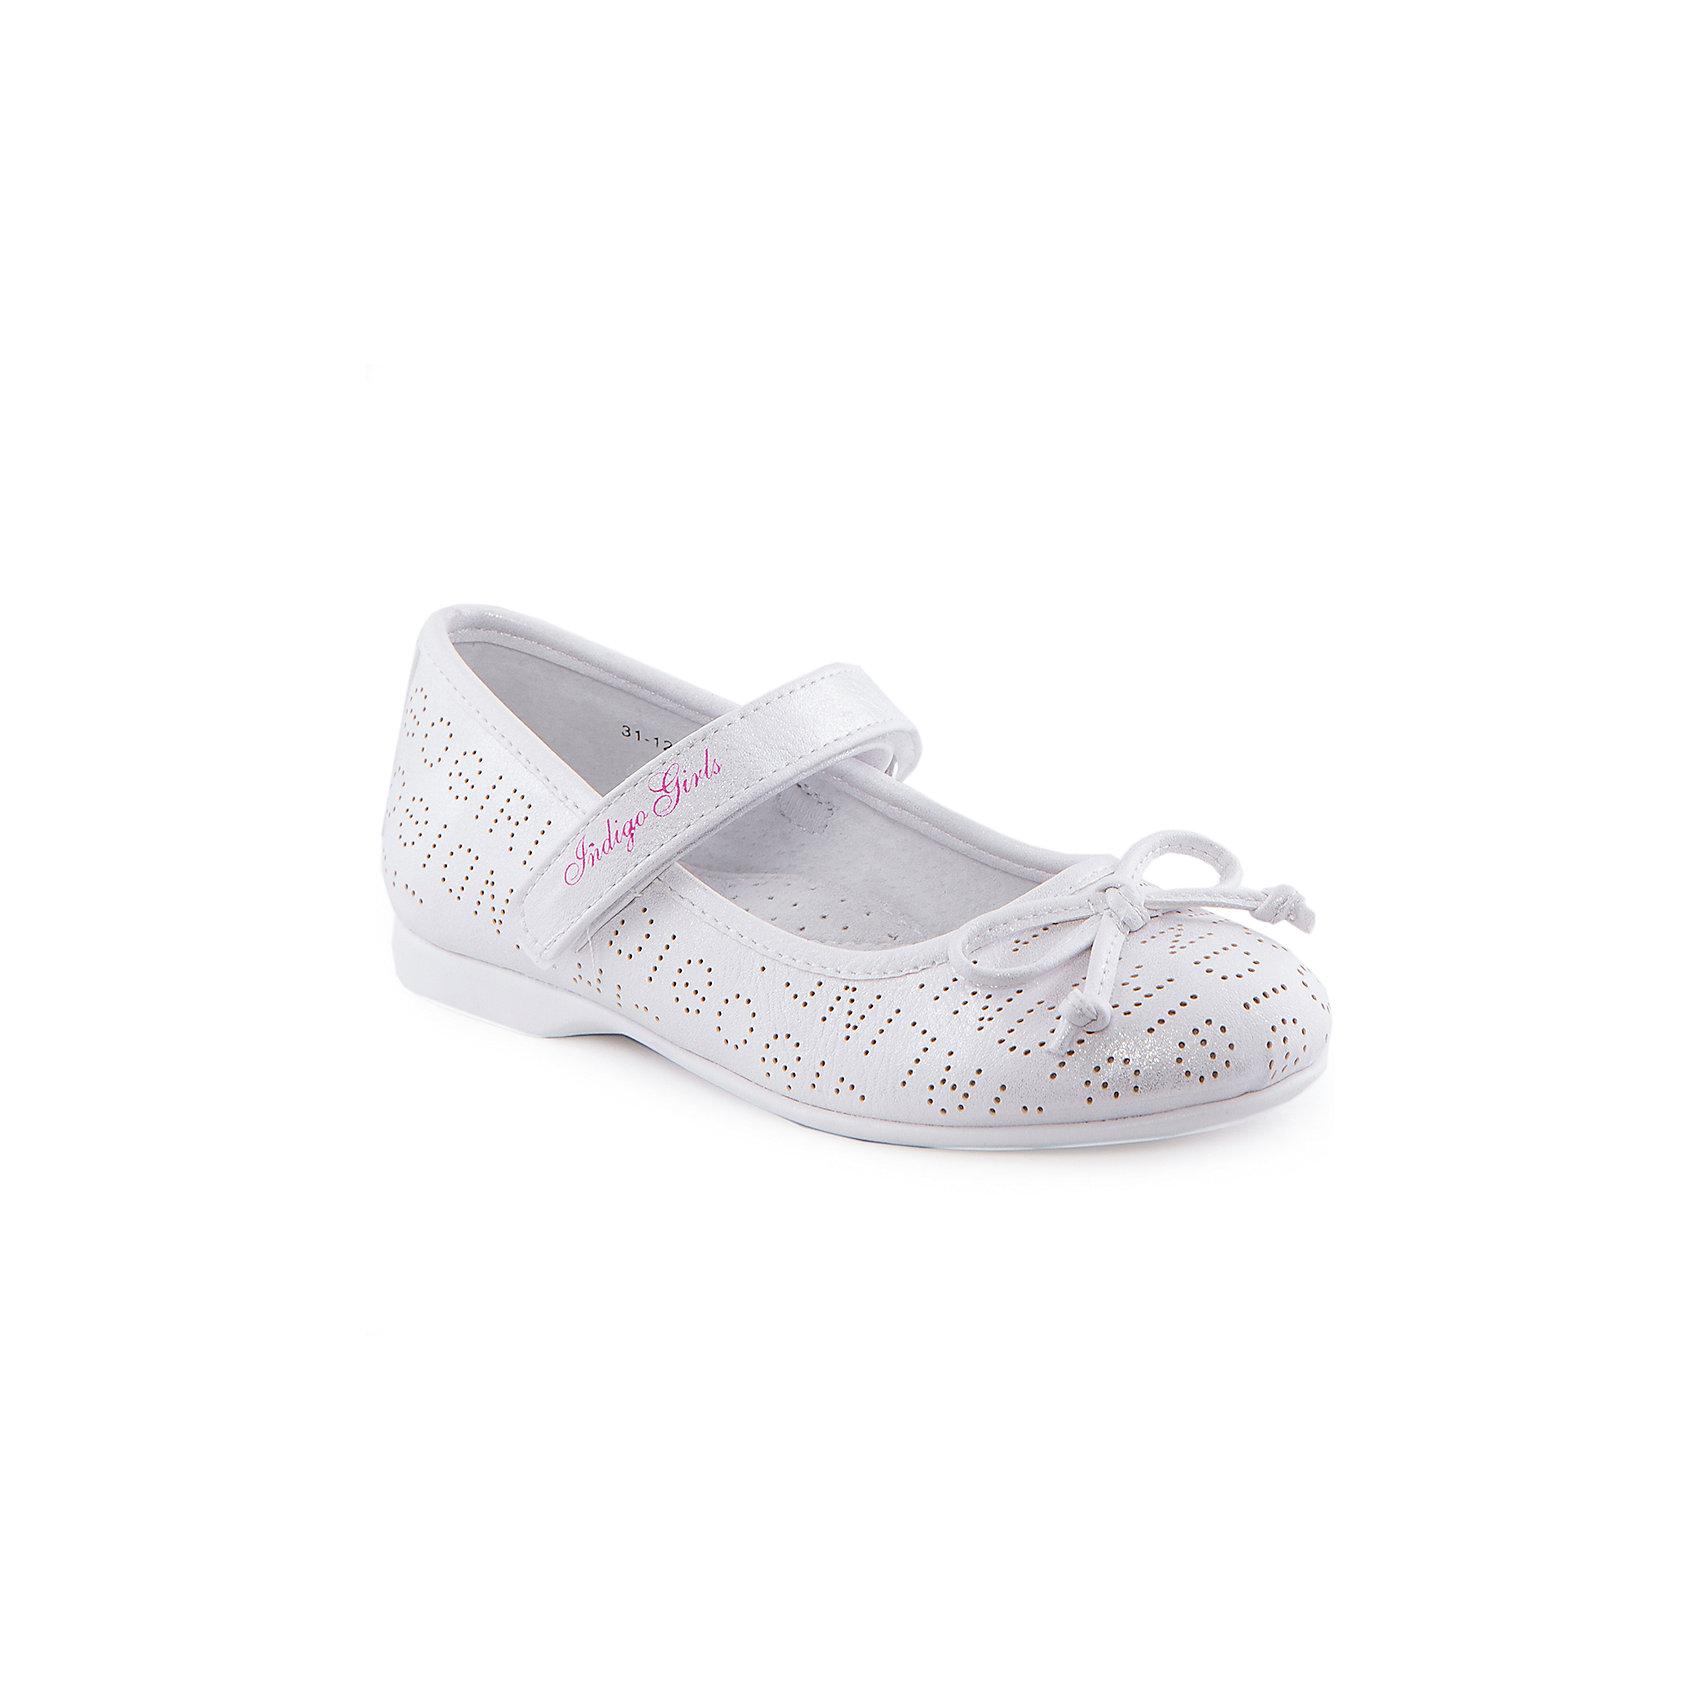 Туфли для девочки Indigo kidsТуфли<br>Туфли для девочки от известного бренда Indigo kids.<br><br>Нарядные и удобные туфли отлично подойдут к праздничному платью, а также помогут оживить повседневный наряд. Они легко надеваются, комфортно садятся по ноге. <br><br>Особенности модели:<br><br>- цвет: серебристо-белый;<br>- стильный дизайн;<br>- удобная колодка;<br>- подкладка из натуральной кожи;<br>- перфорация в передней части изделия, обеспечивающая вентиляцию;<br>- украшение - бант из кожи;<br>- устойчивая нескользящая подошва;<br>- застежка - липучка.<br><br>Дополнительная информация:<br><br>Состав:<br><br>верх – искусственная кожа;<br>подкладка - натуральная кожа;<br>подошва - ТЭП.<br><br>Туфли для девочки Indigo kids (Индиго Кидс) можно купить в нашем магазине.<br><br>Ширина мм: 227<br>Глубина мм: 145<br>Высота мм: 124<br>Вес г: 325<br>Цвет: белый<br>Возраст от месяцев: 60<br>Возраст до месяцев: 72<br>Пол: Женский<br>Возраст: Детский<br>Размер: 29,32,33,31,30,28<br>SKU: 4519866